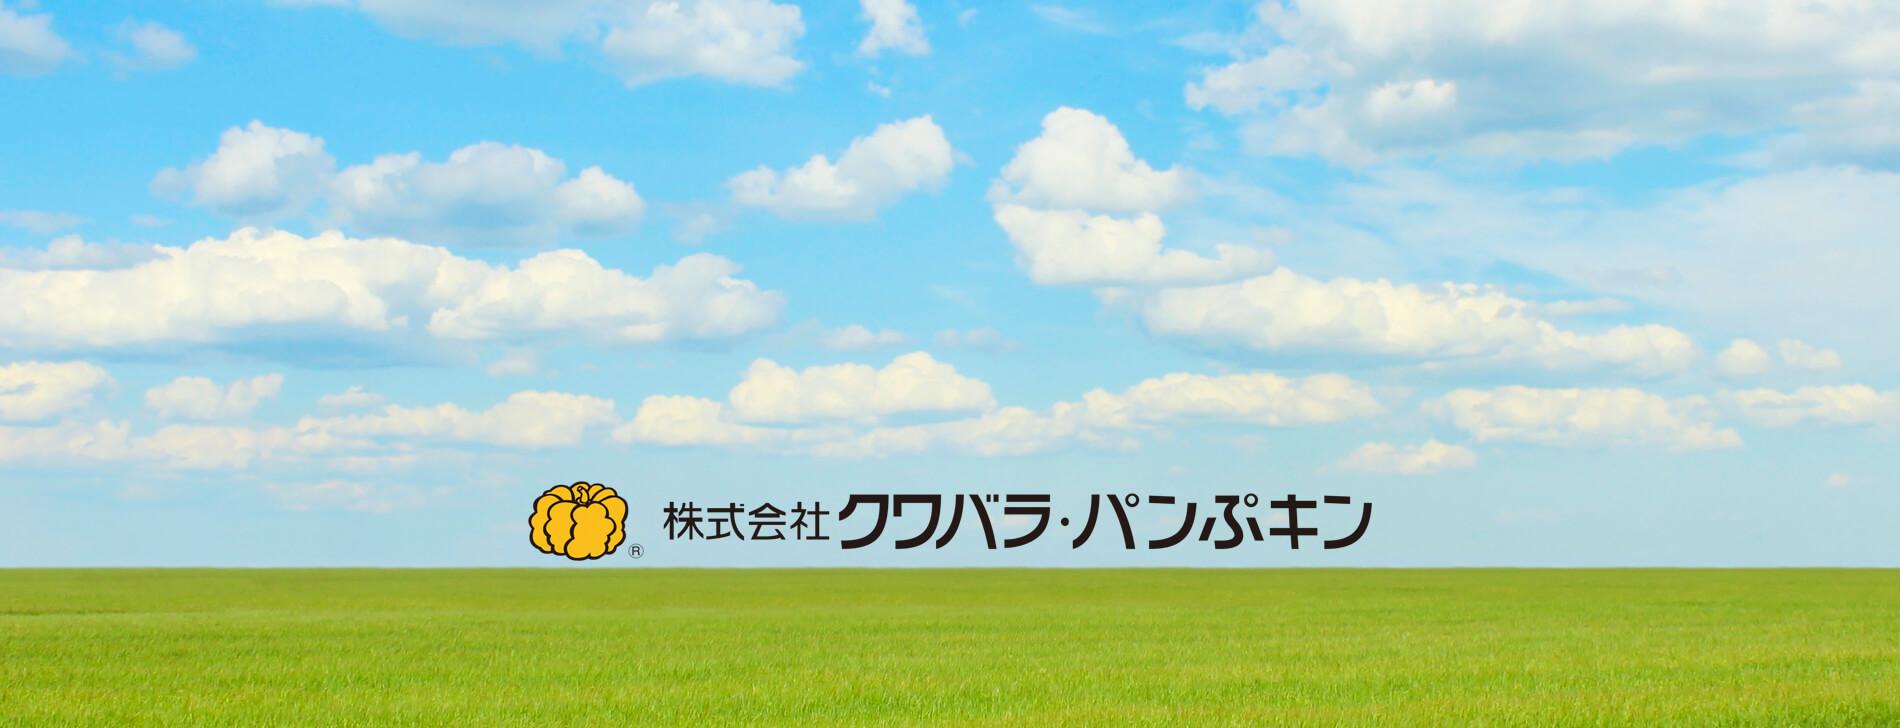 株式会社クワバラ・パンぷキン